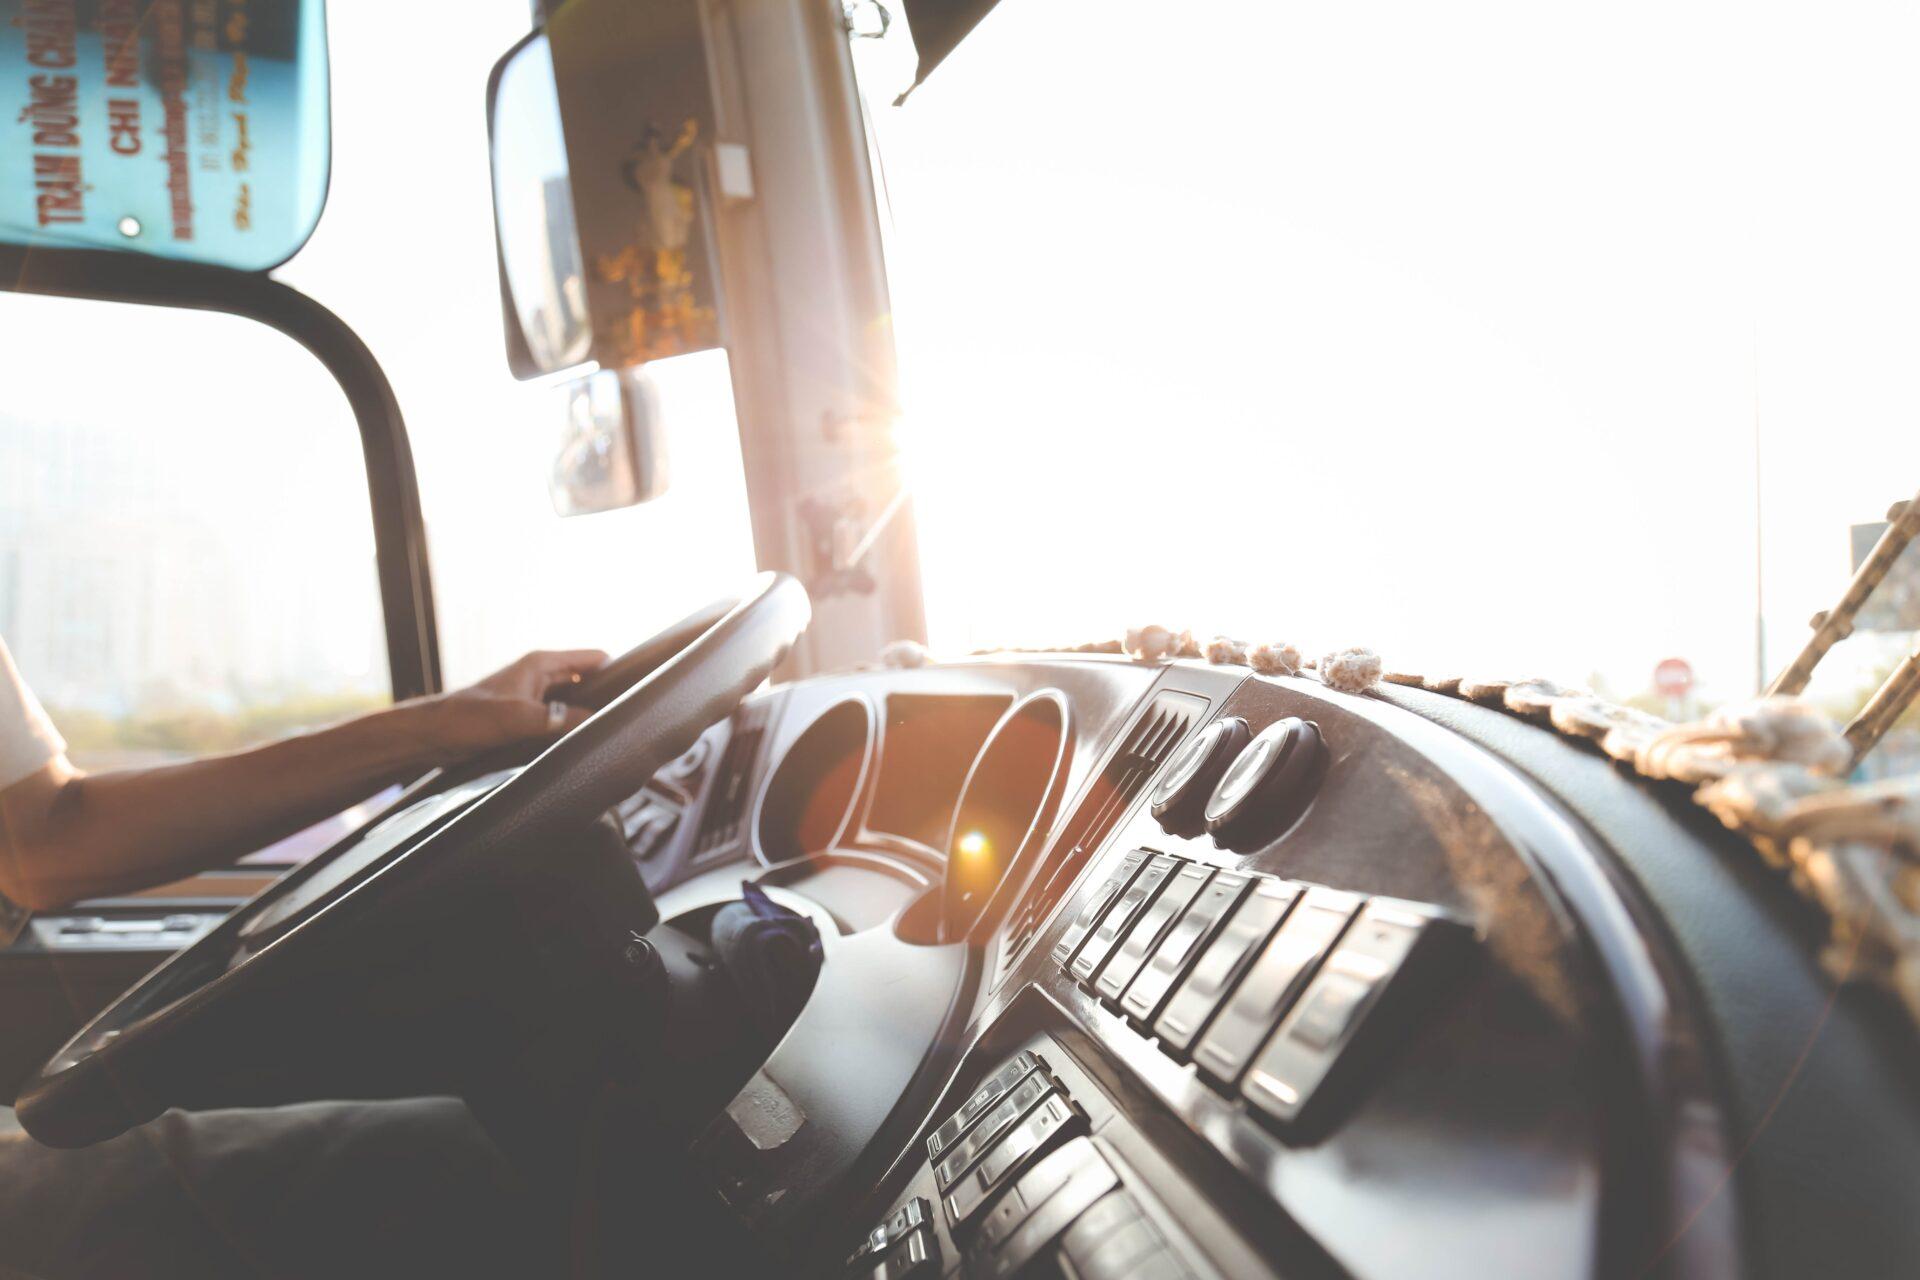 Inside of a truck